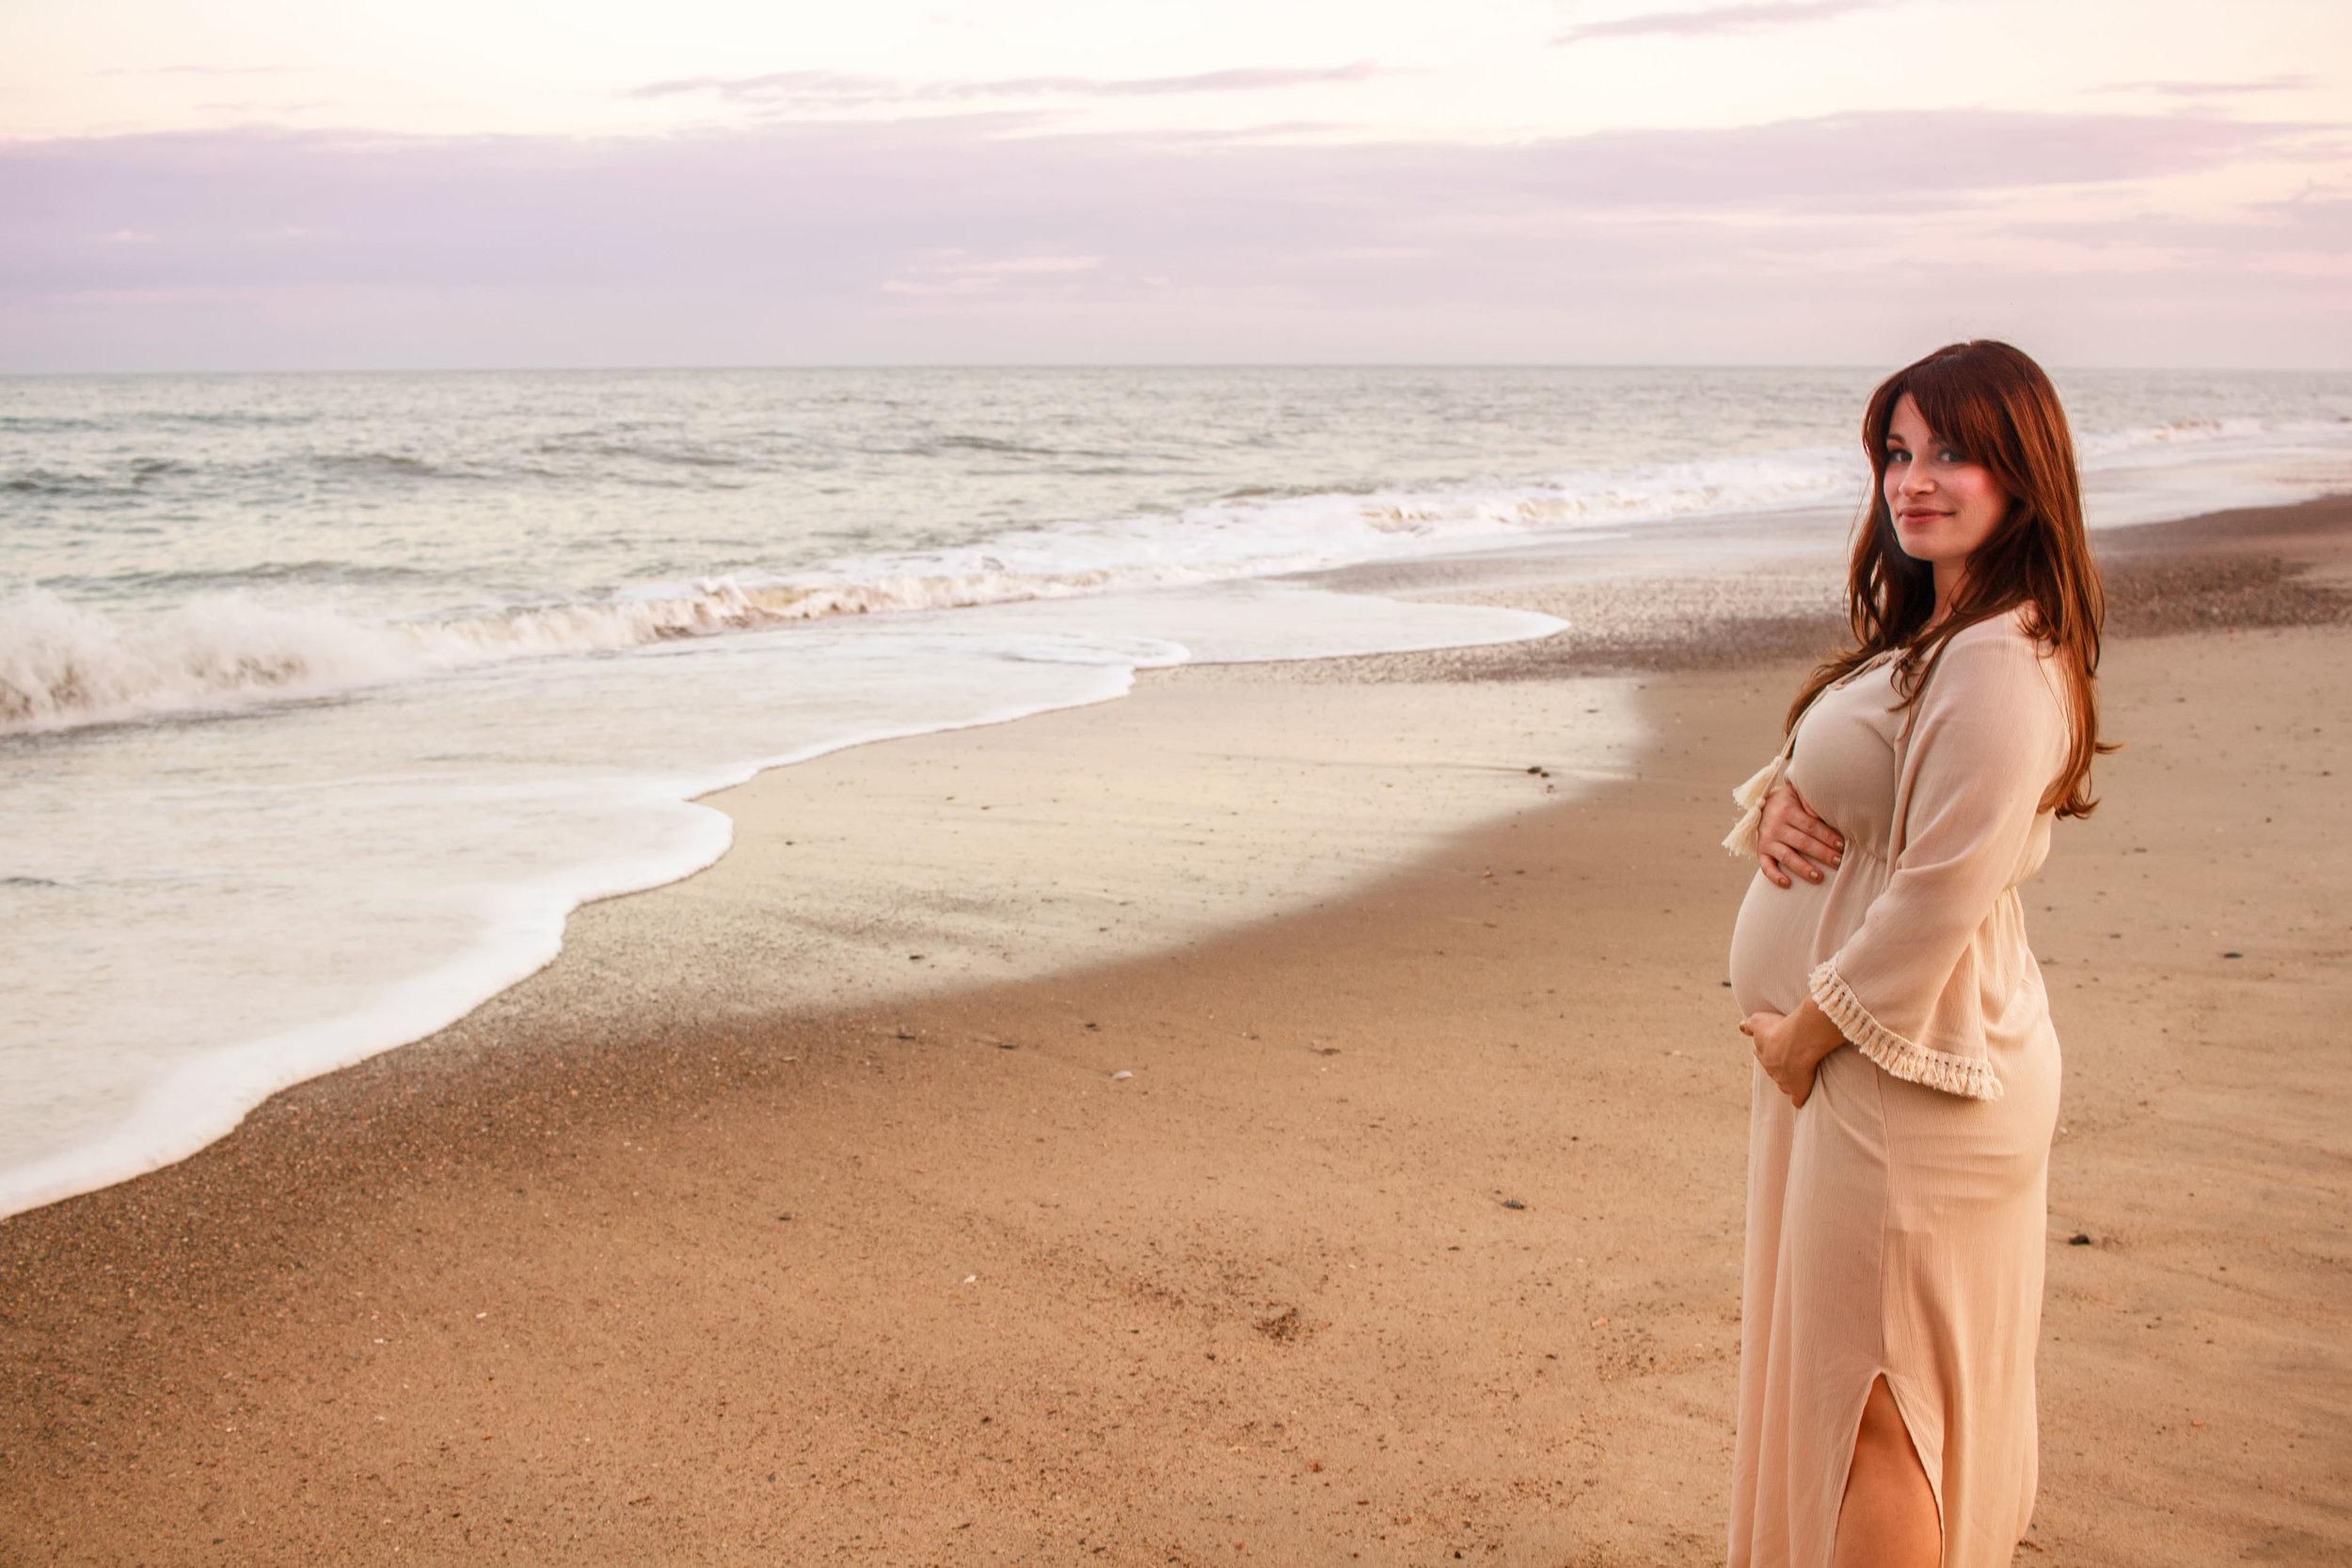 Kure_Beach_Maternity_Shoot_Tiffany_Abruzzo_Photography_22.jpg